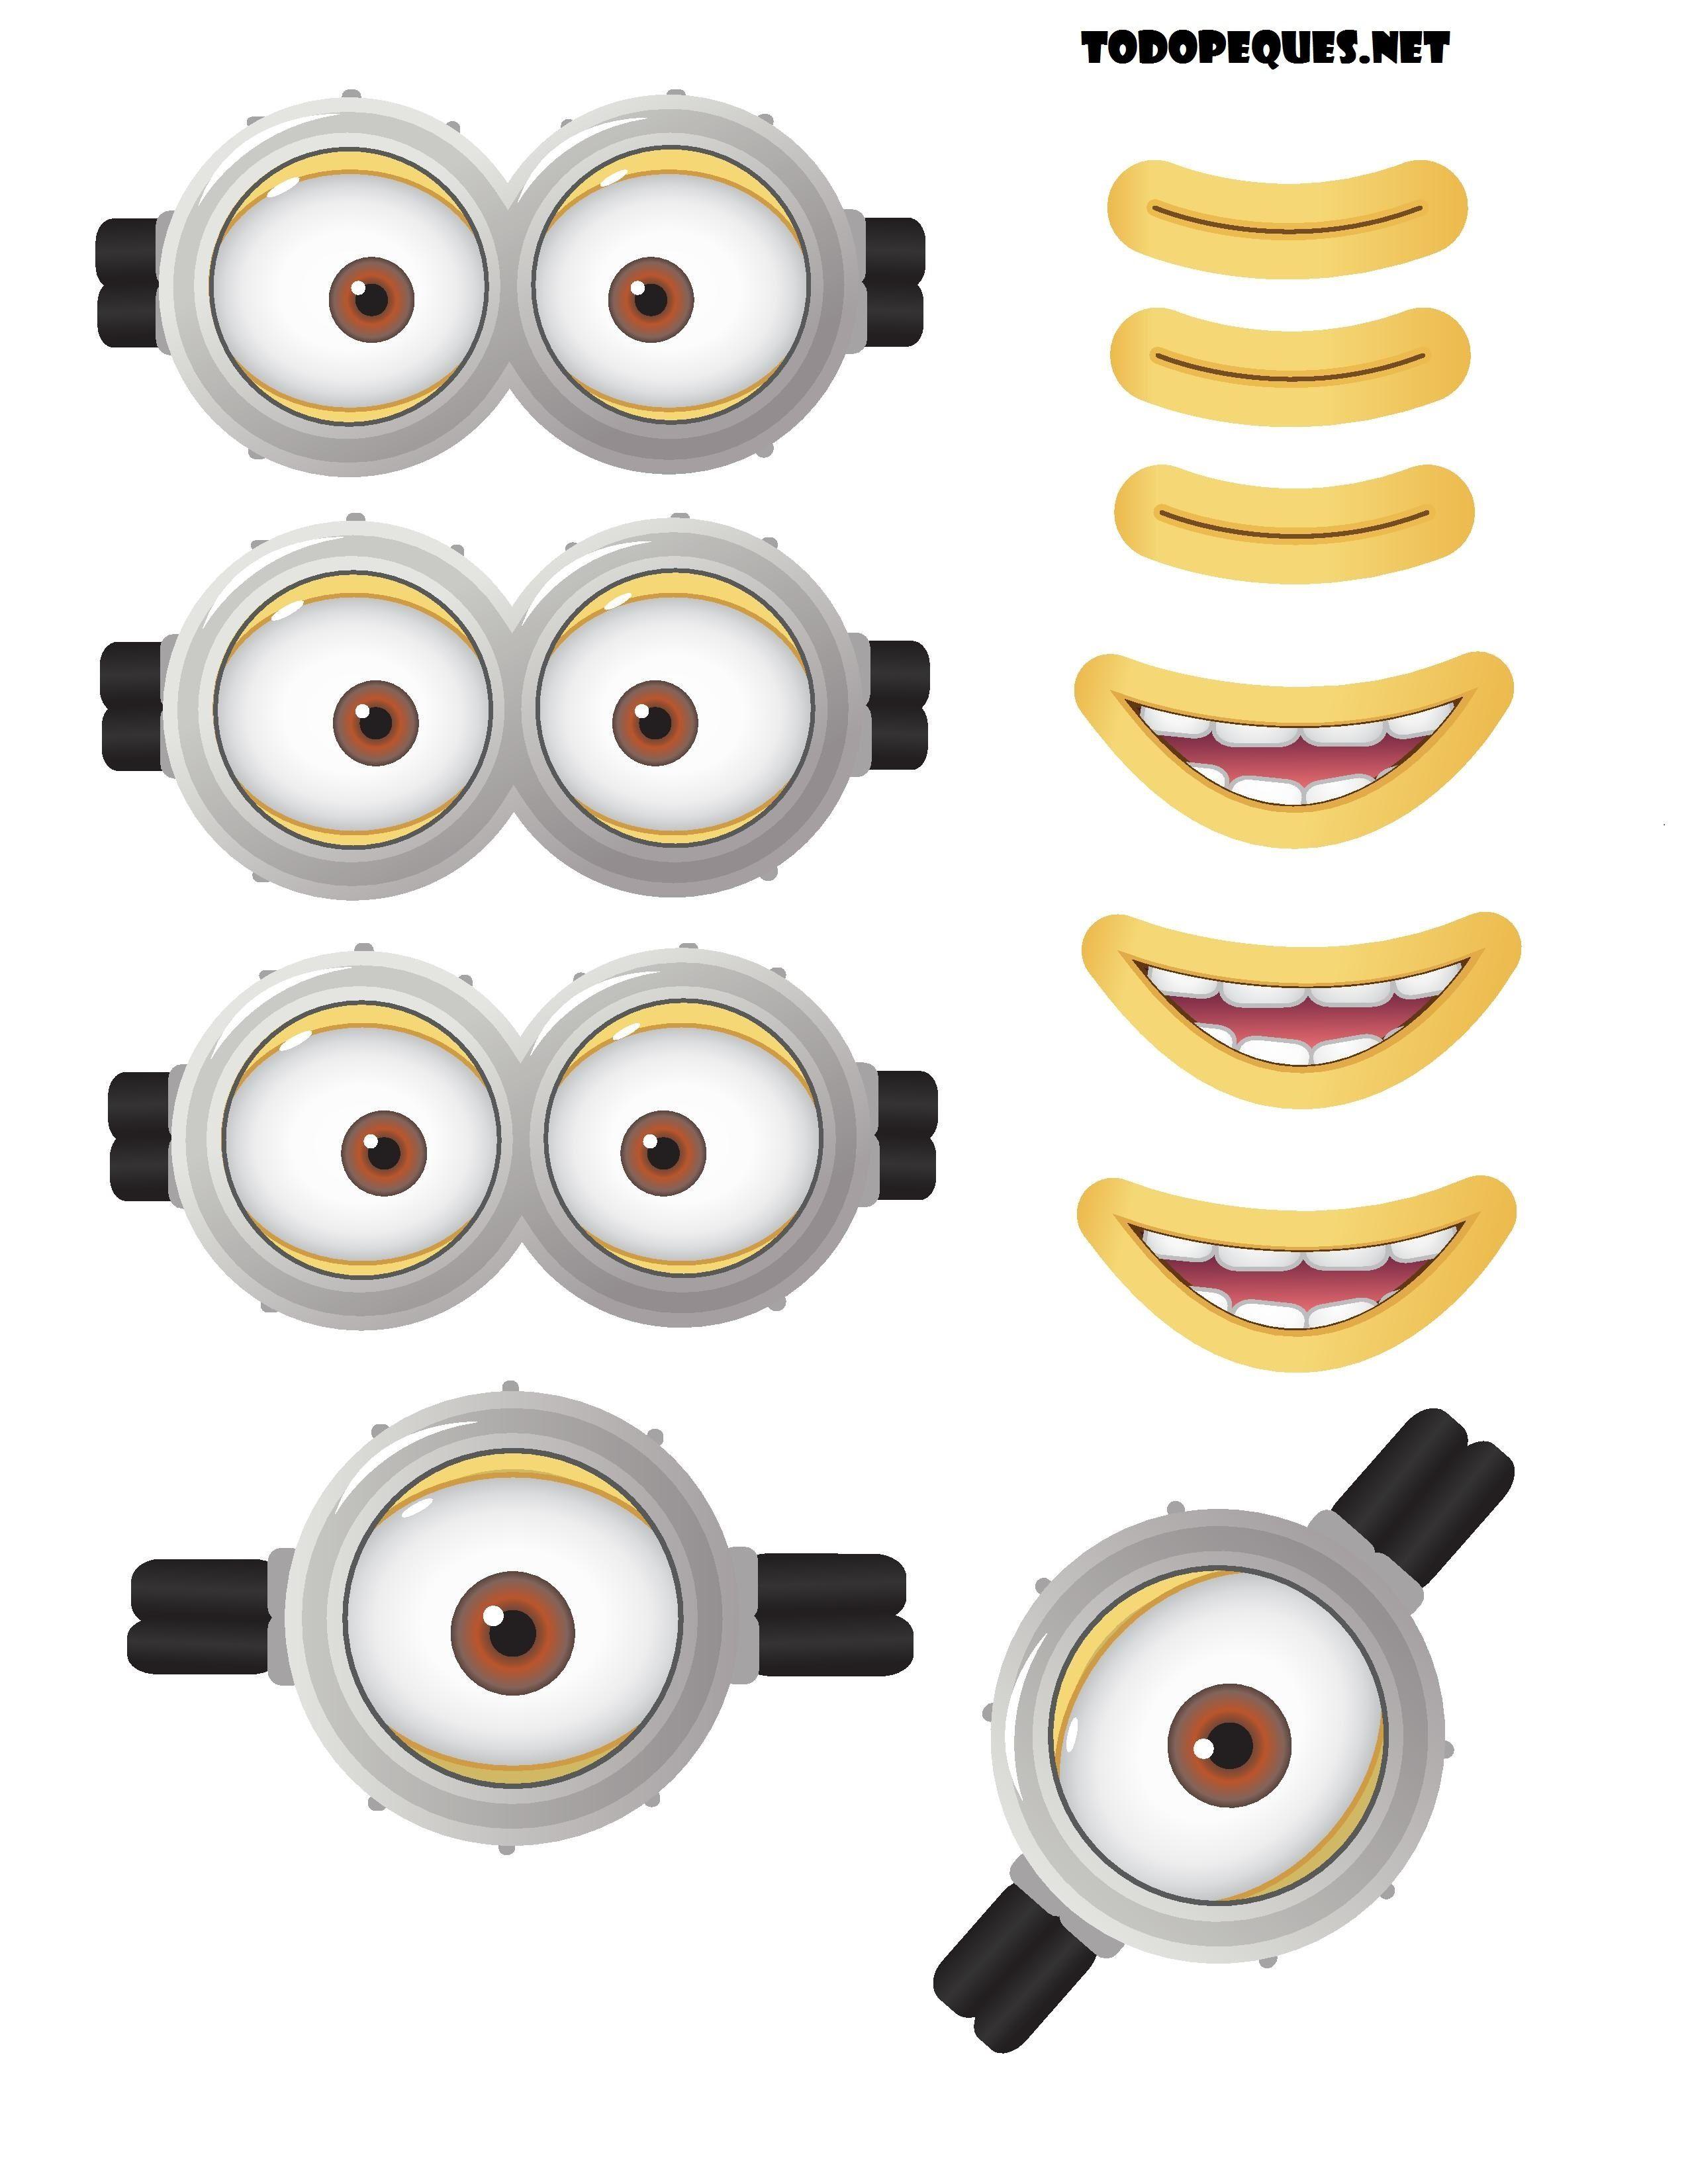 Moldes De Ojos Y Bocas De Minions Para Imprimir Gratis Minions